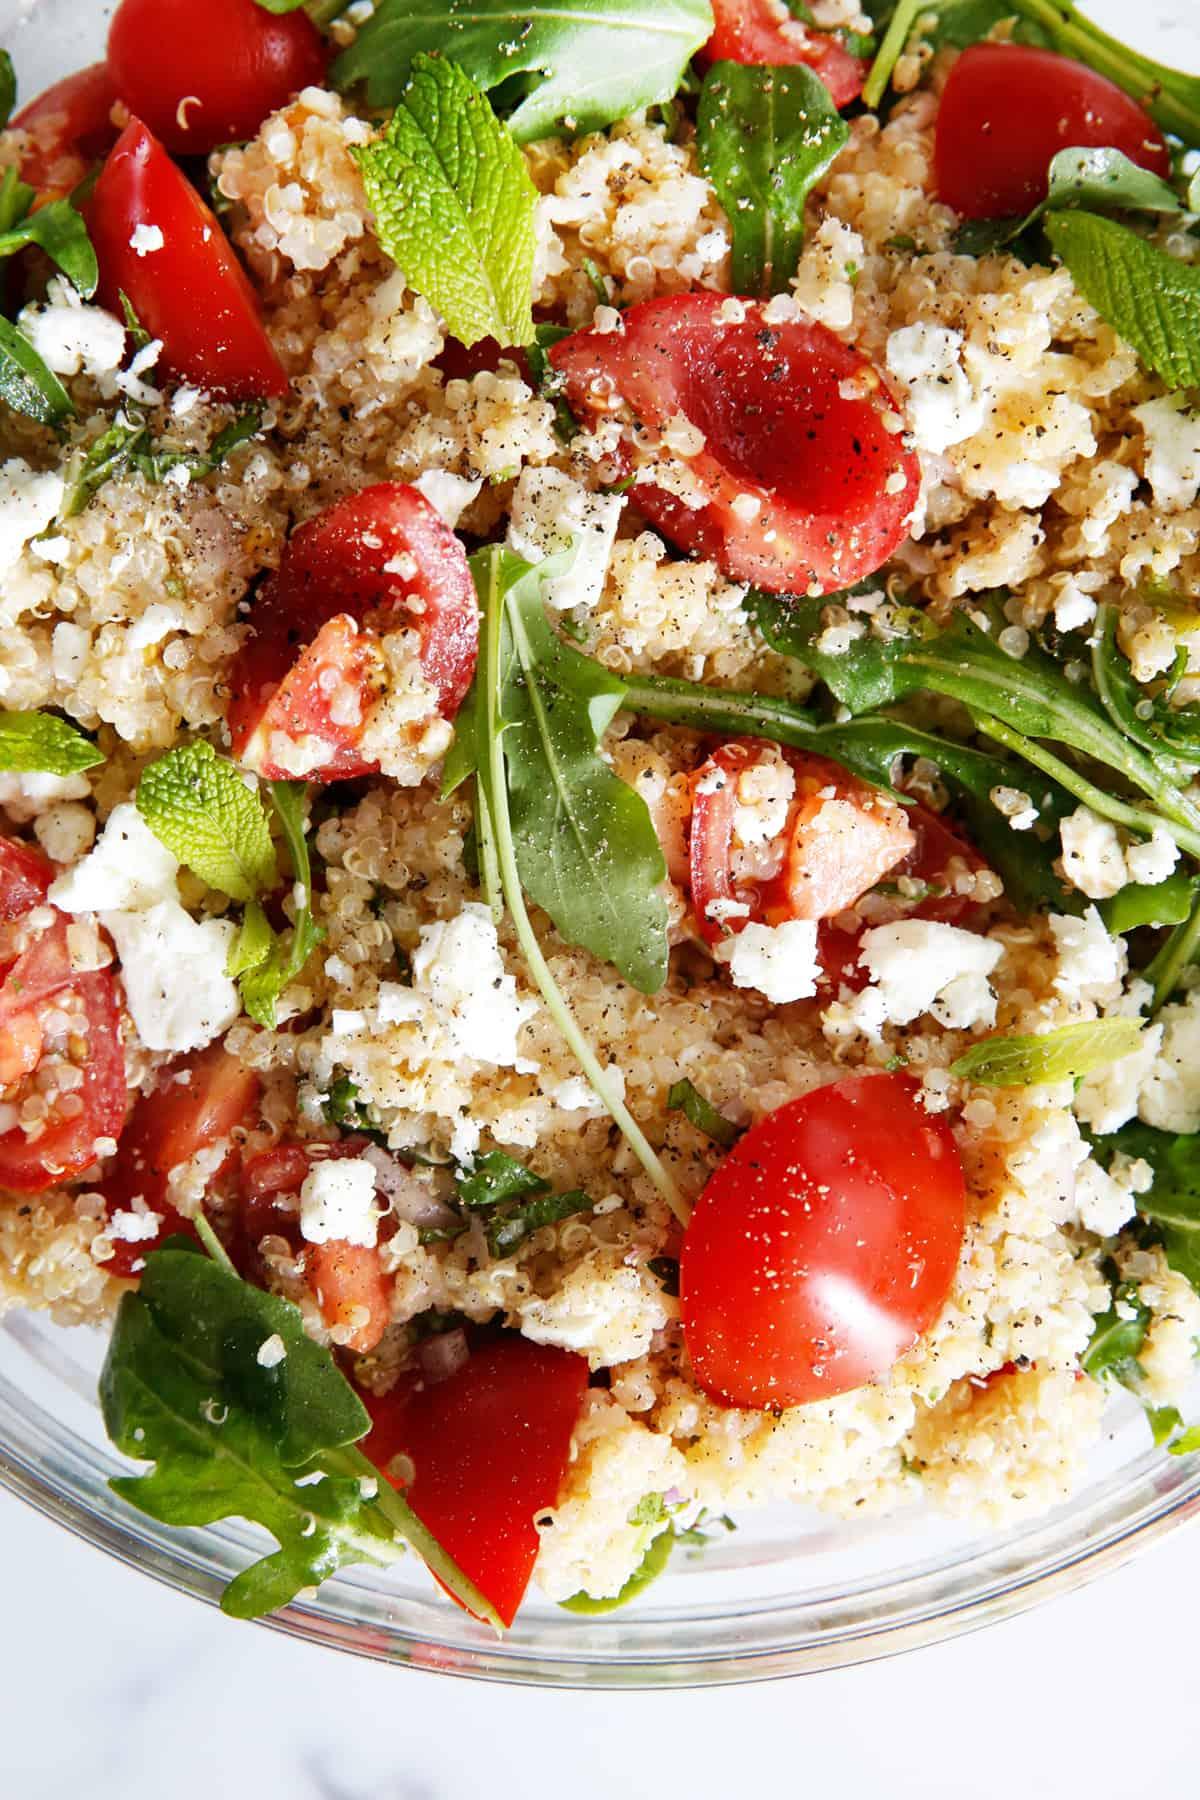 Quinoa salad with mint and feta.